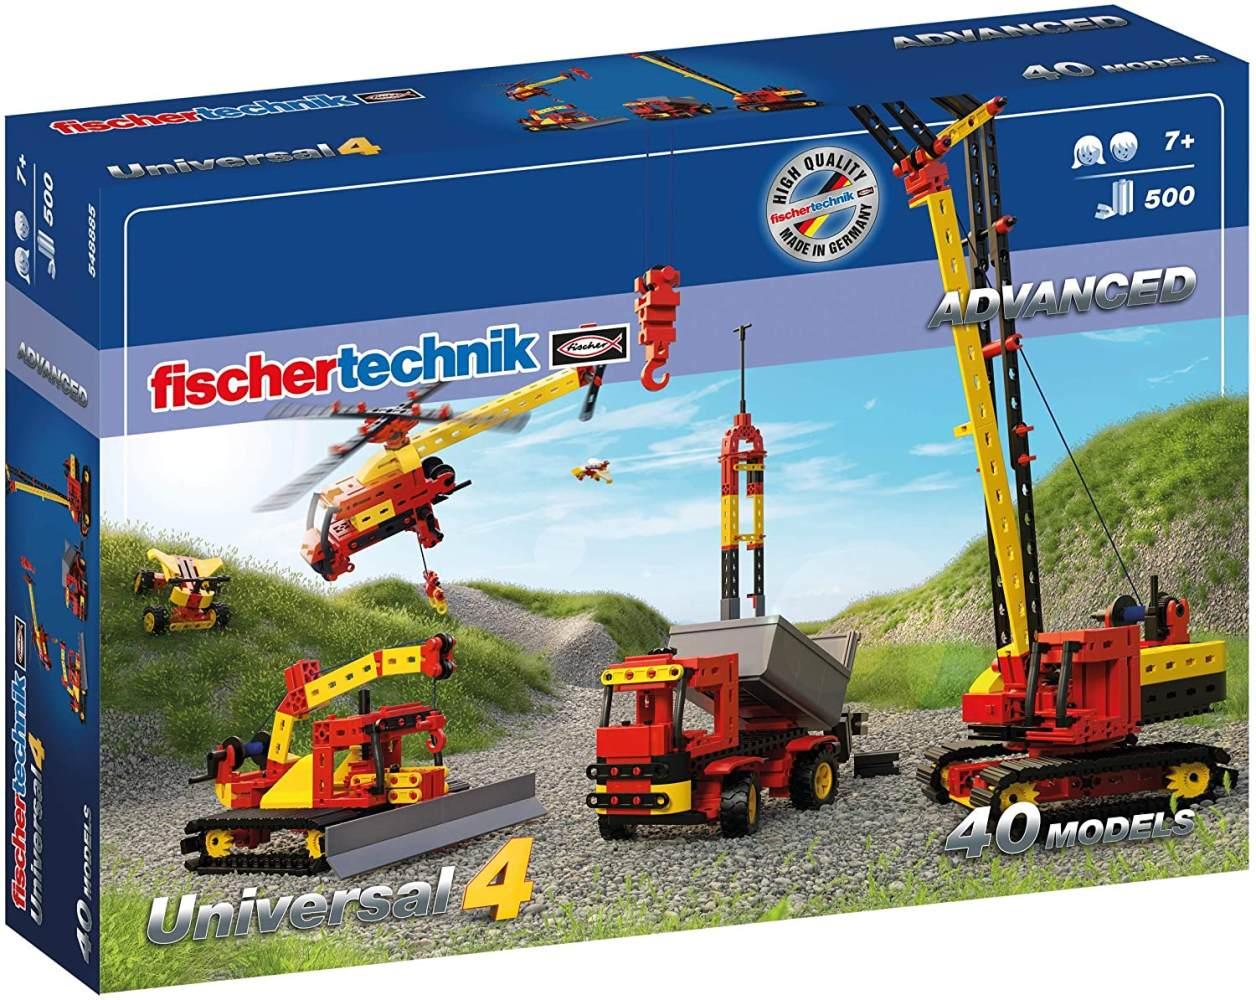 fischertechnik Bauset Universal 4 - der perfekte Baukasten für technikbegeisterte Kids - Das Konstruktionsspielzeug mit 40 verschiedenen Modellen sorgt für einen weiten Einblick in die Technik-Welt Bild 1